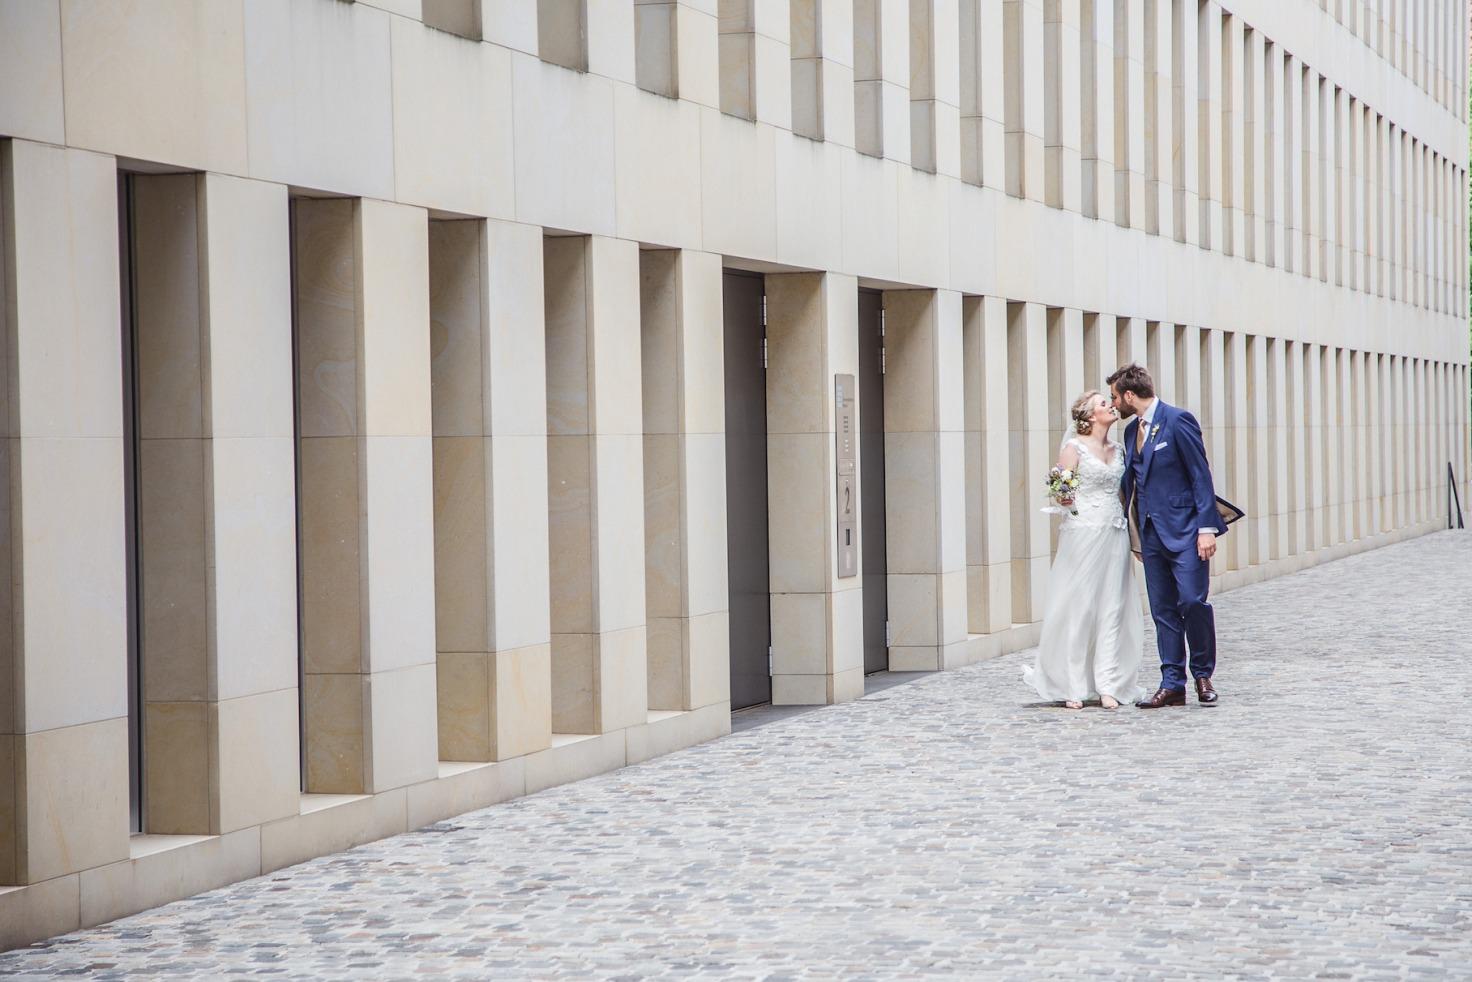 Hochzeit von Laura und Marco in Münster: Brautpaar küsst sich